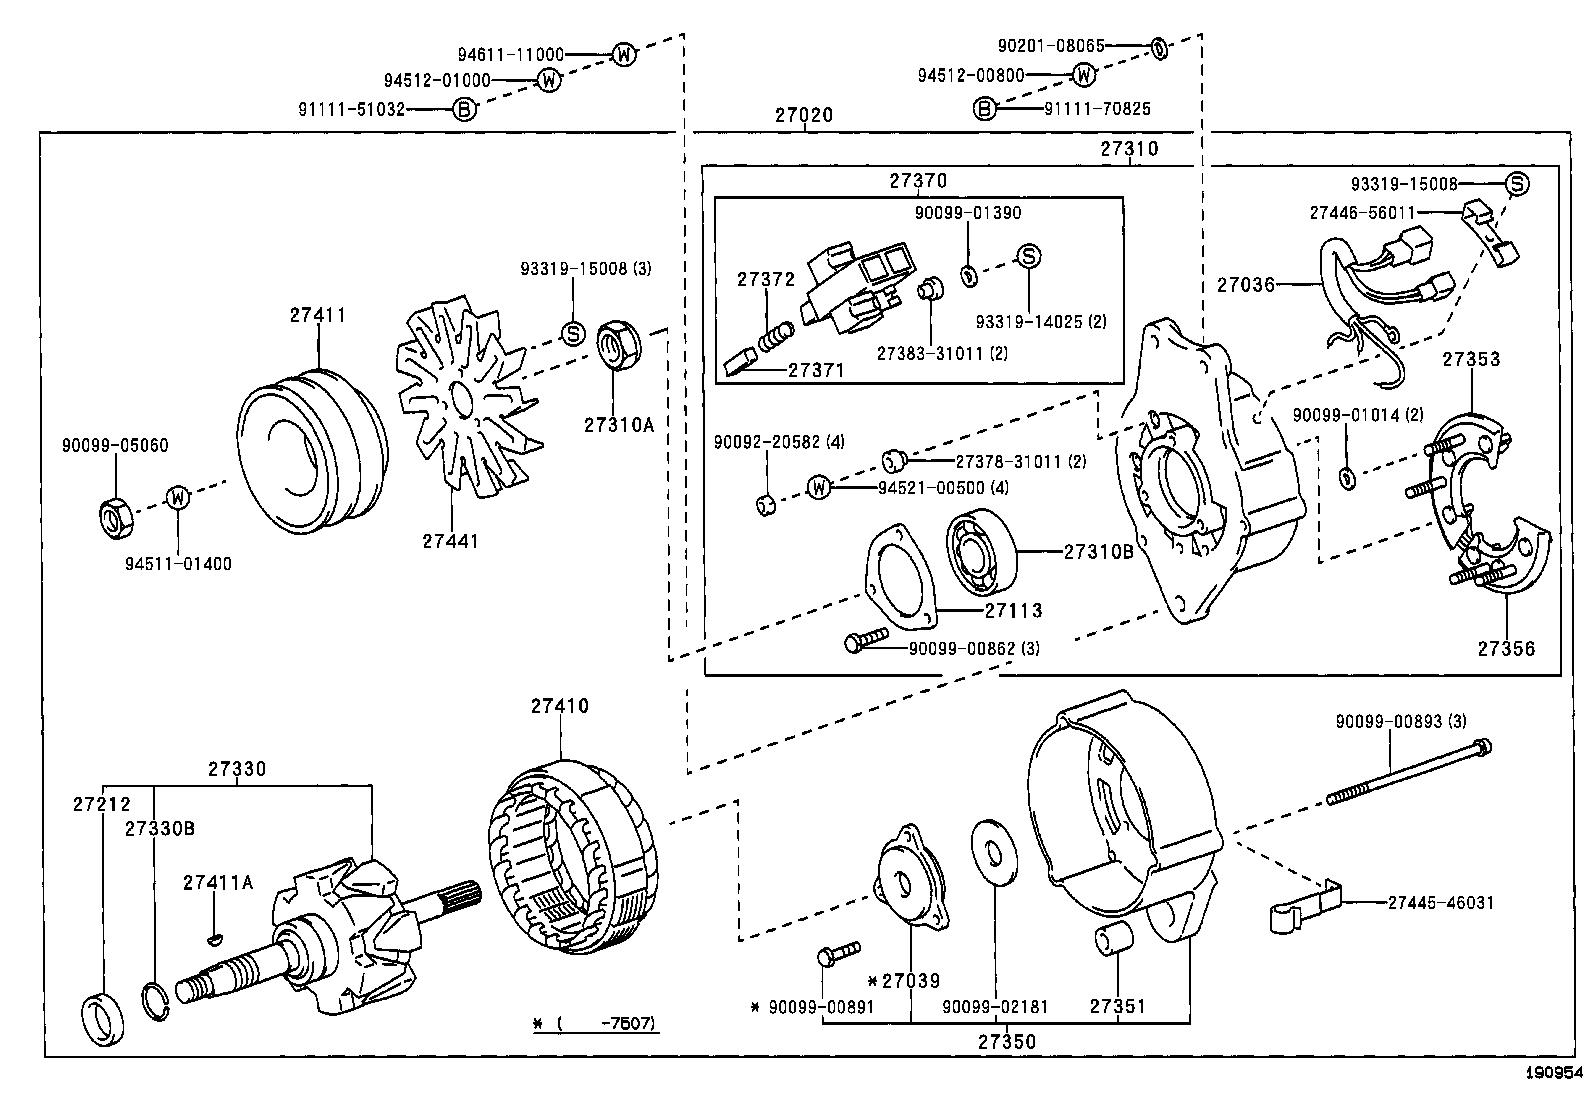 Toyota Heavy Duty Truckda116